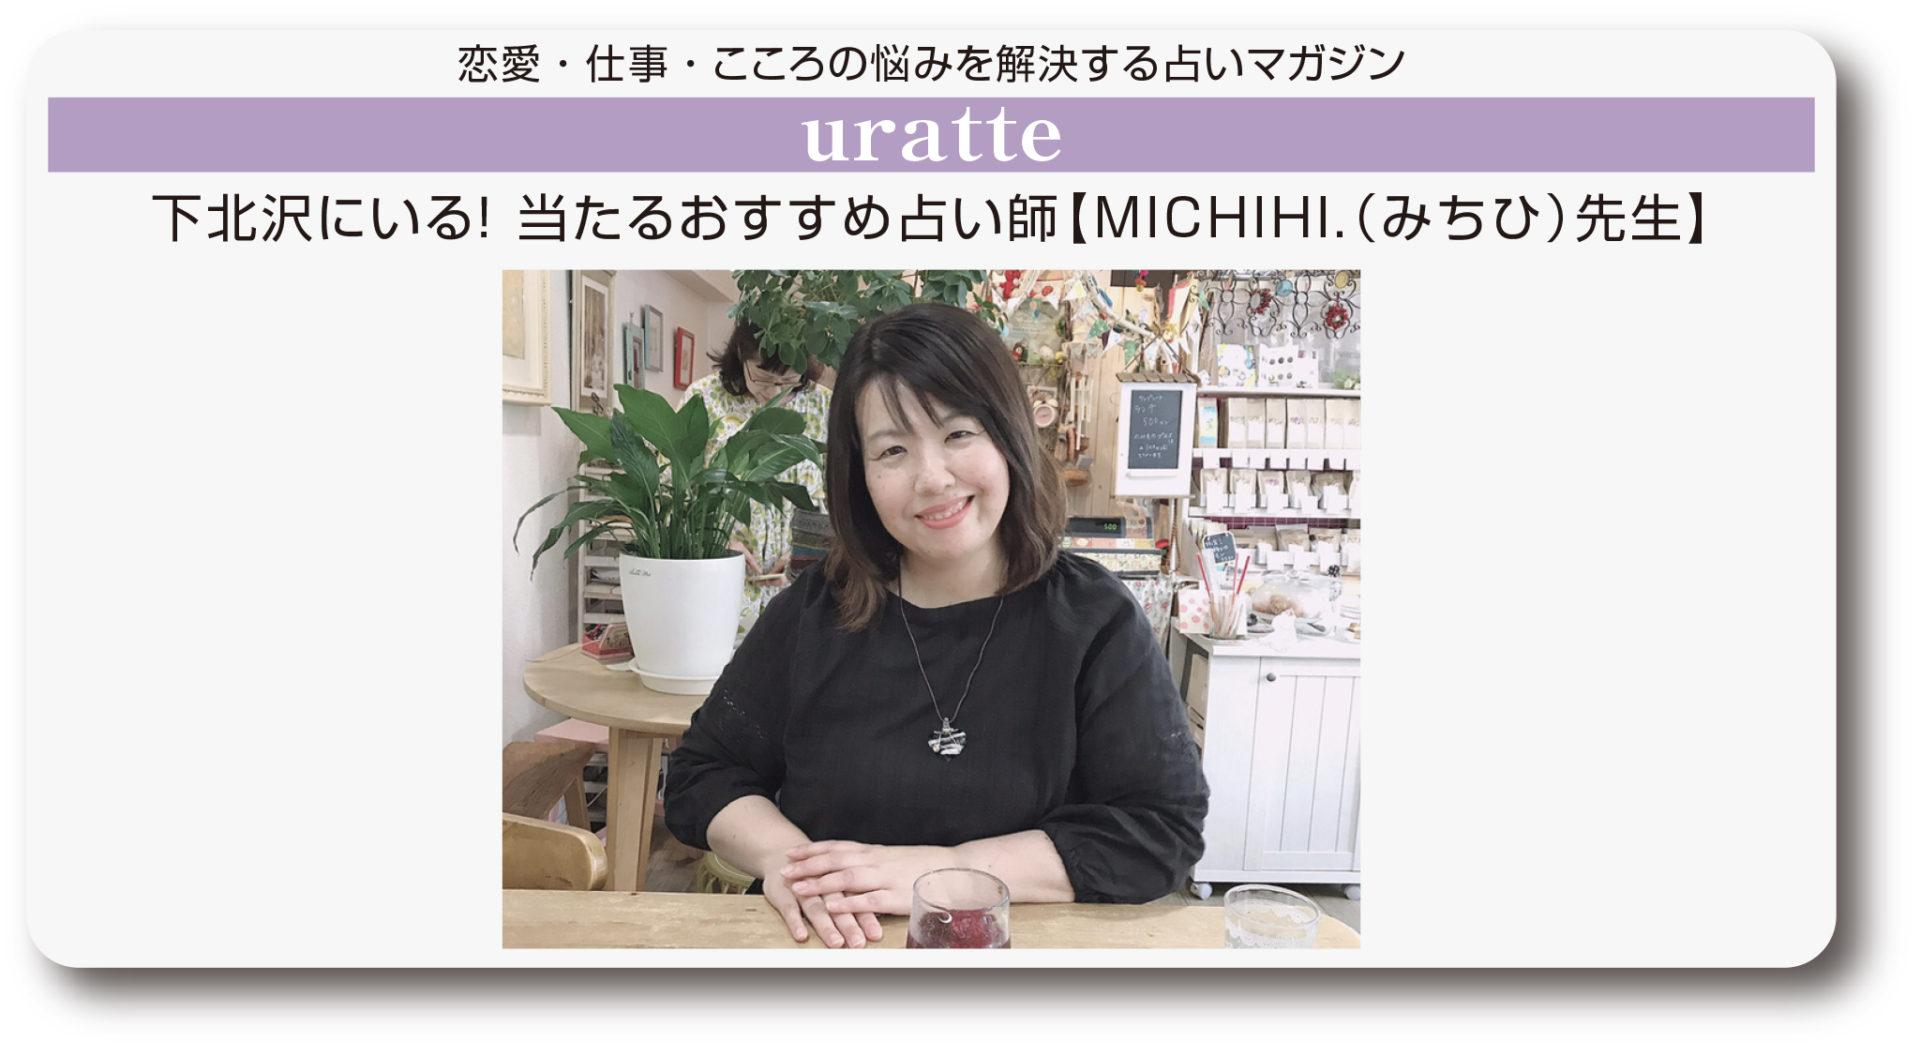 下北沢の当たる占い師MICHIHI.uratte